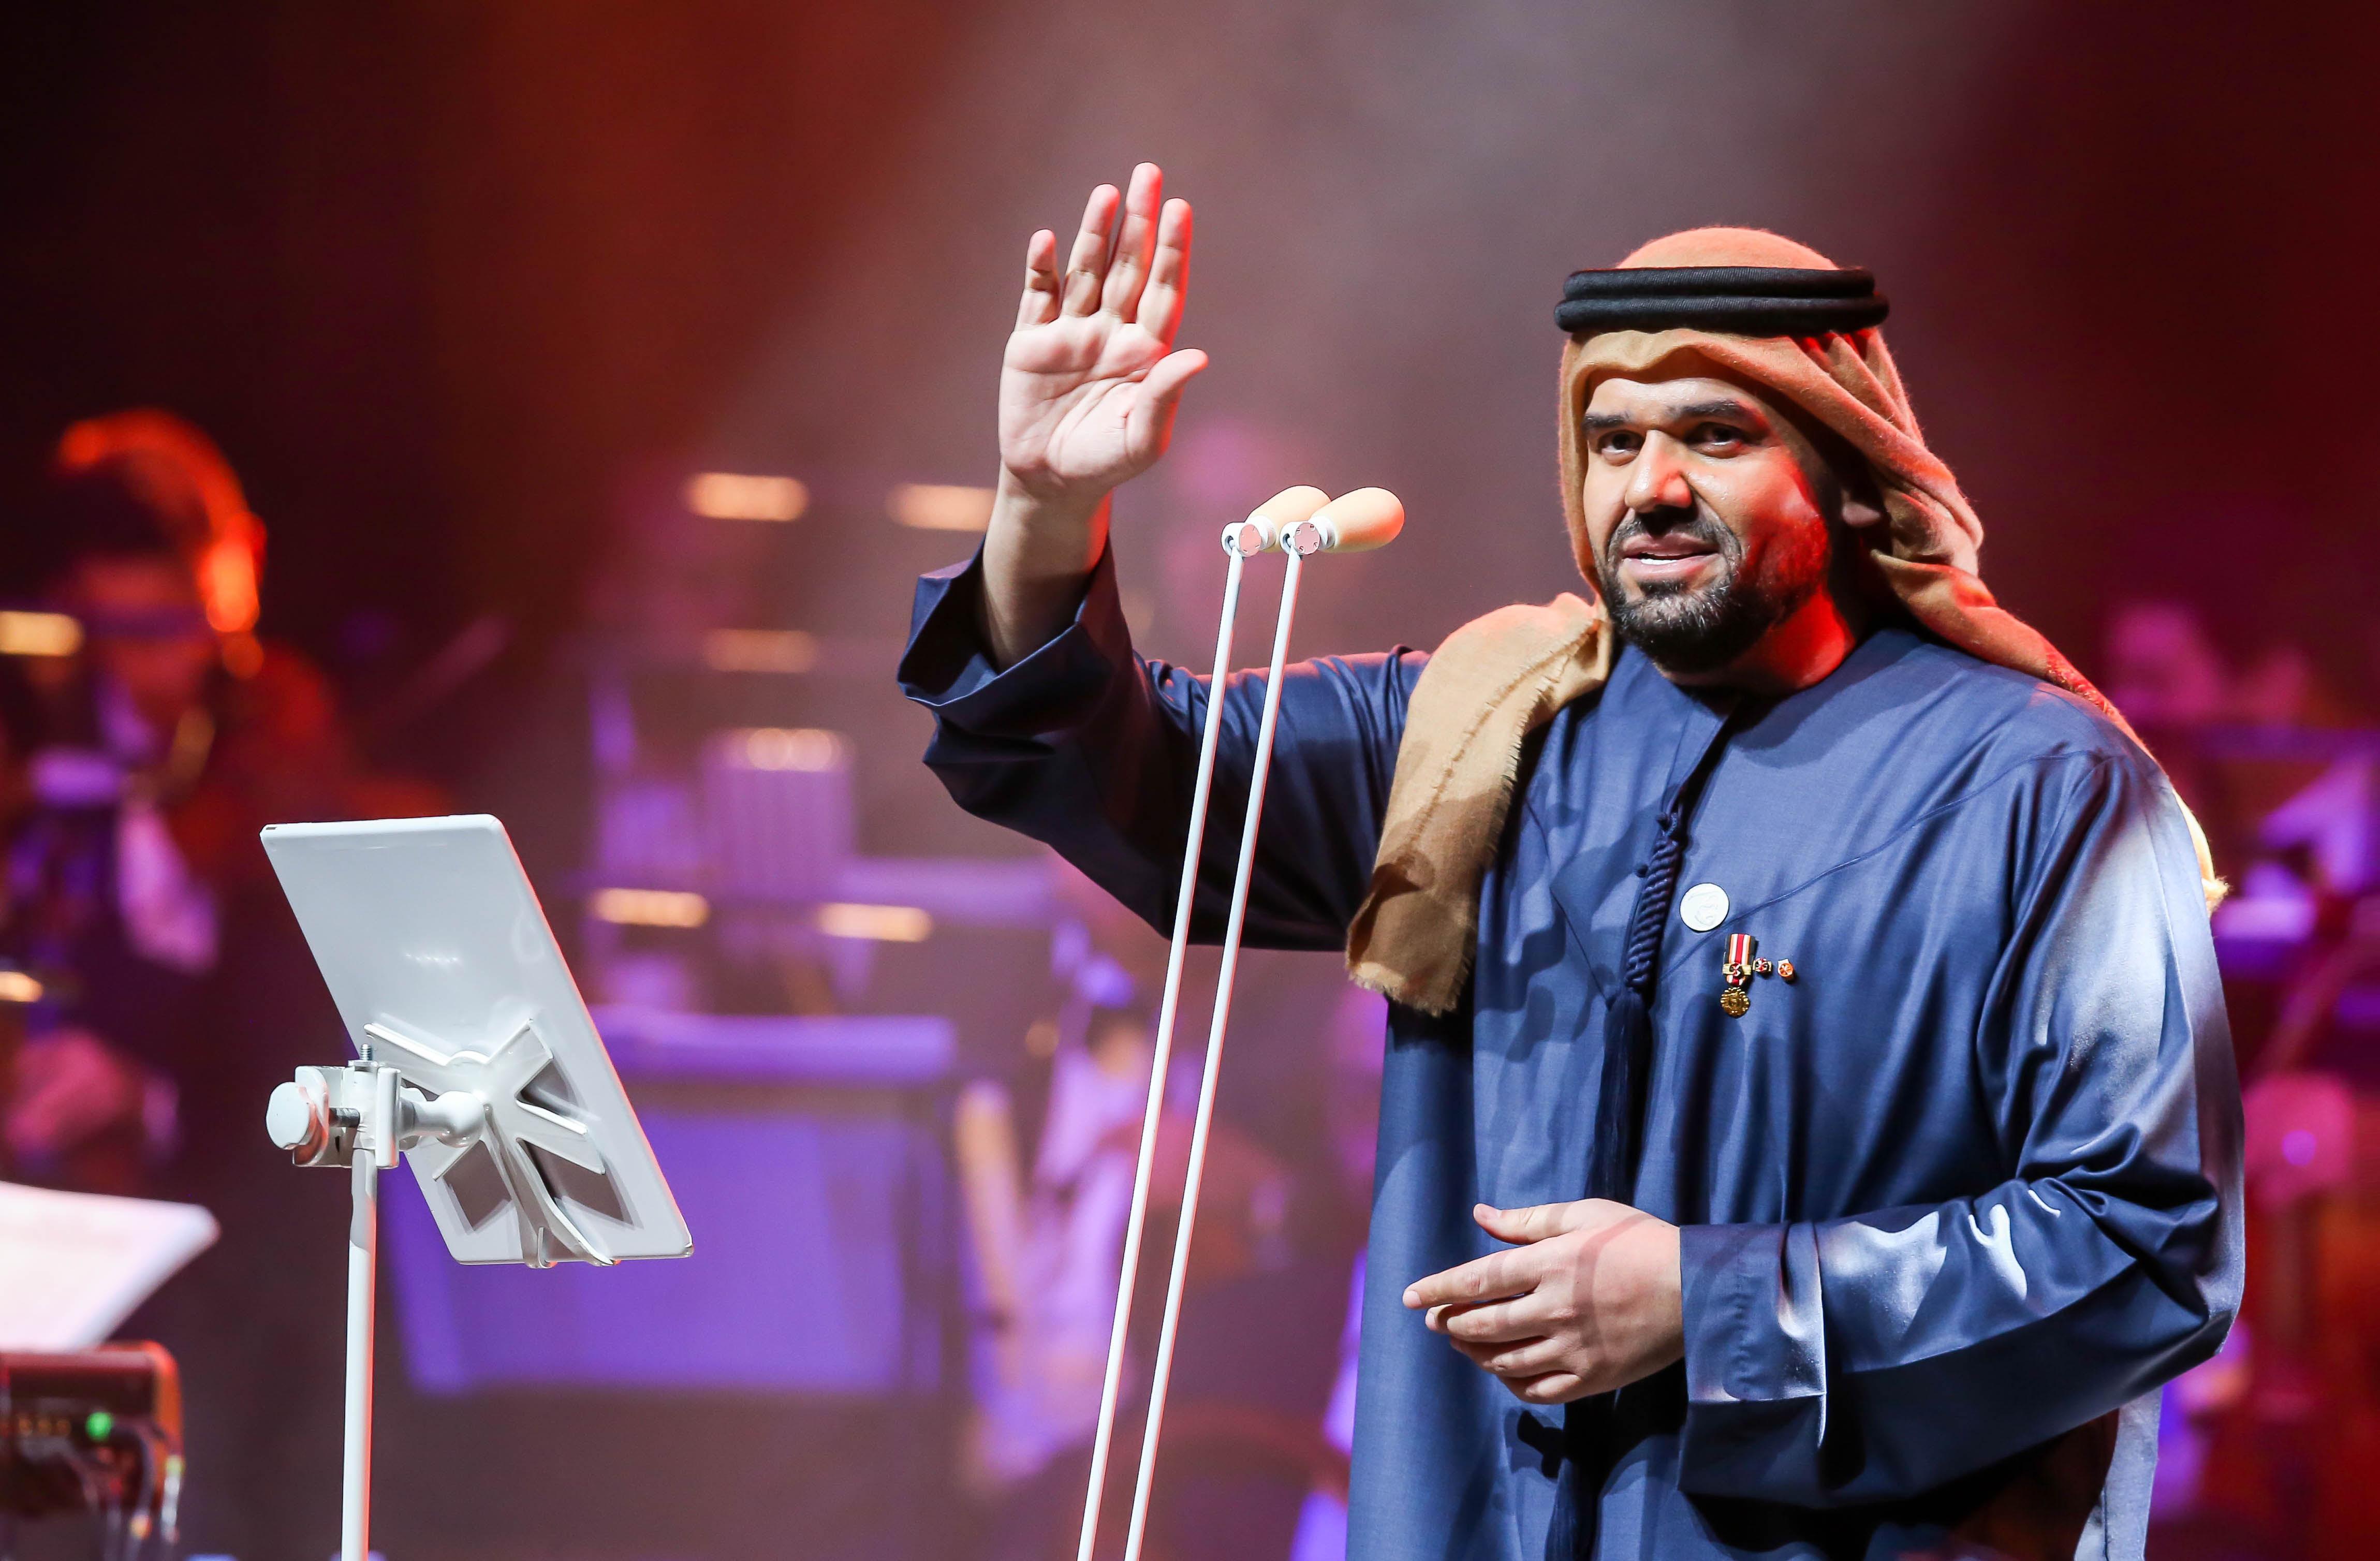 صورة حسين الجسمي اضاء دبي اوبرا في وداع 2018